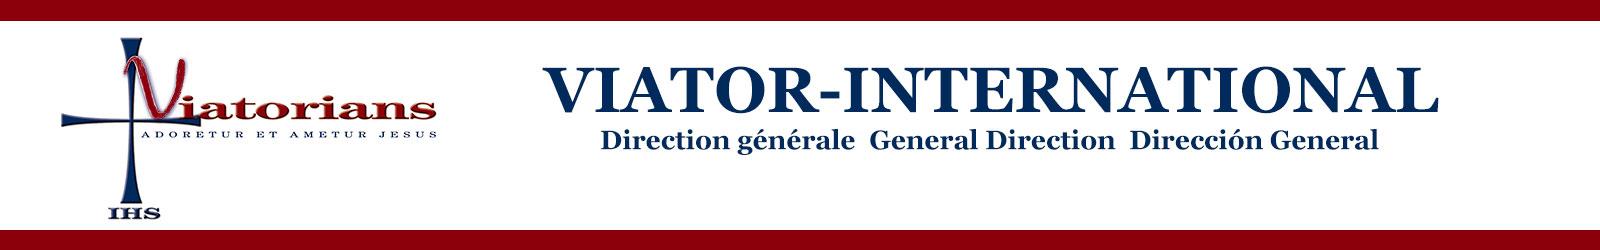 Viatorians International